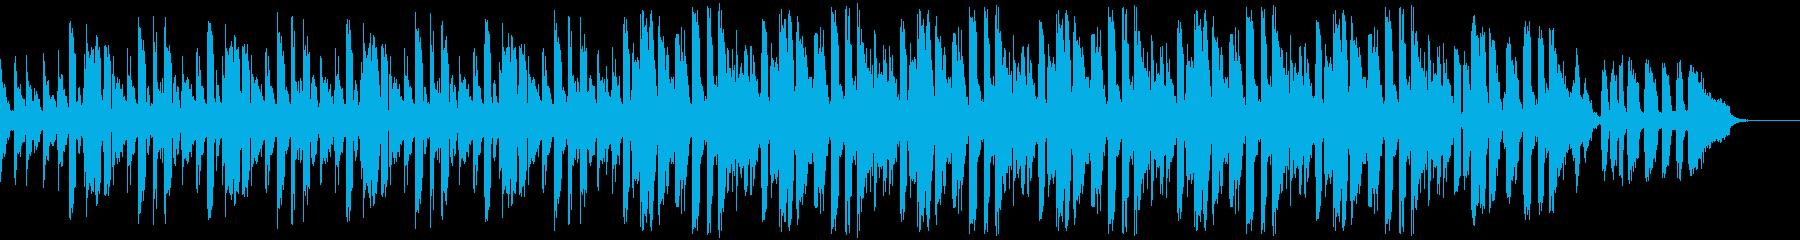 ハイテンポスウィングドラム抜きverの再生済みの波形